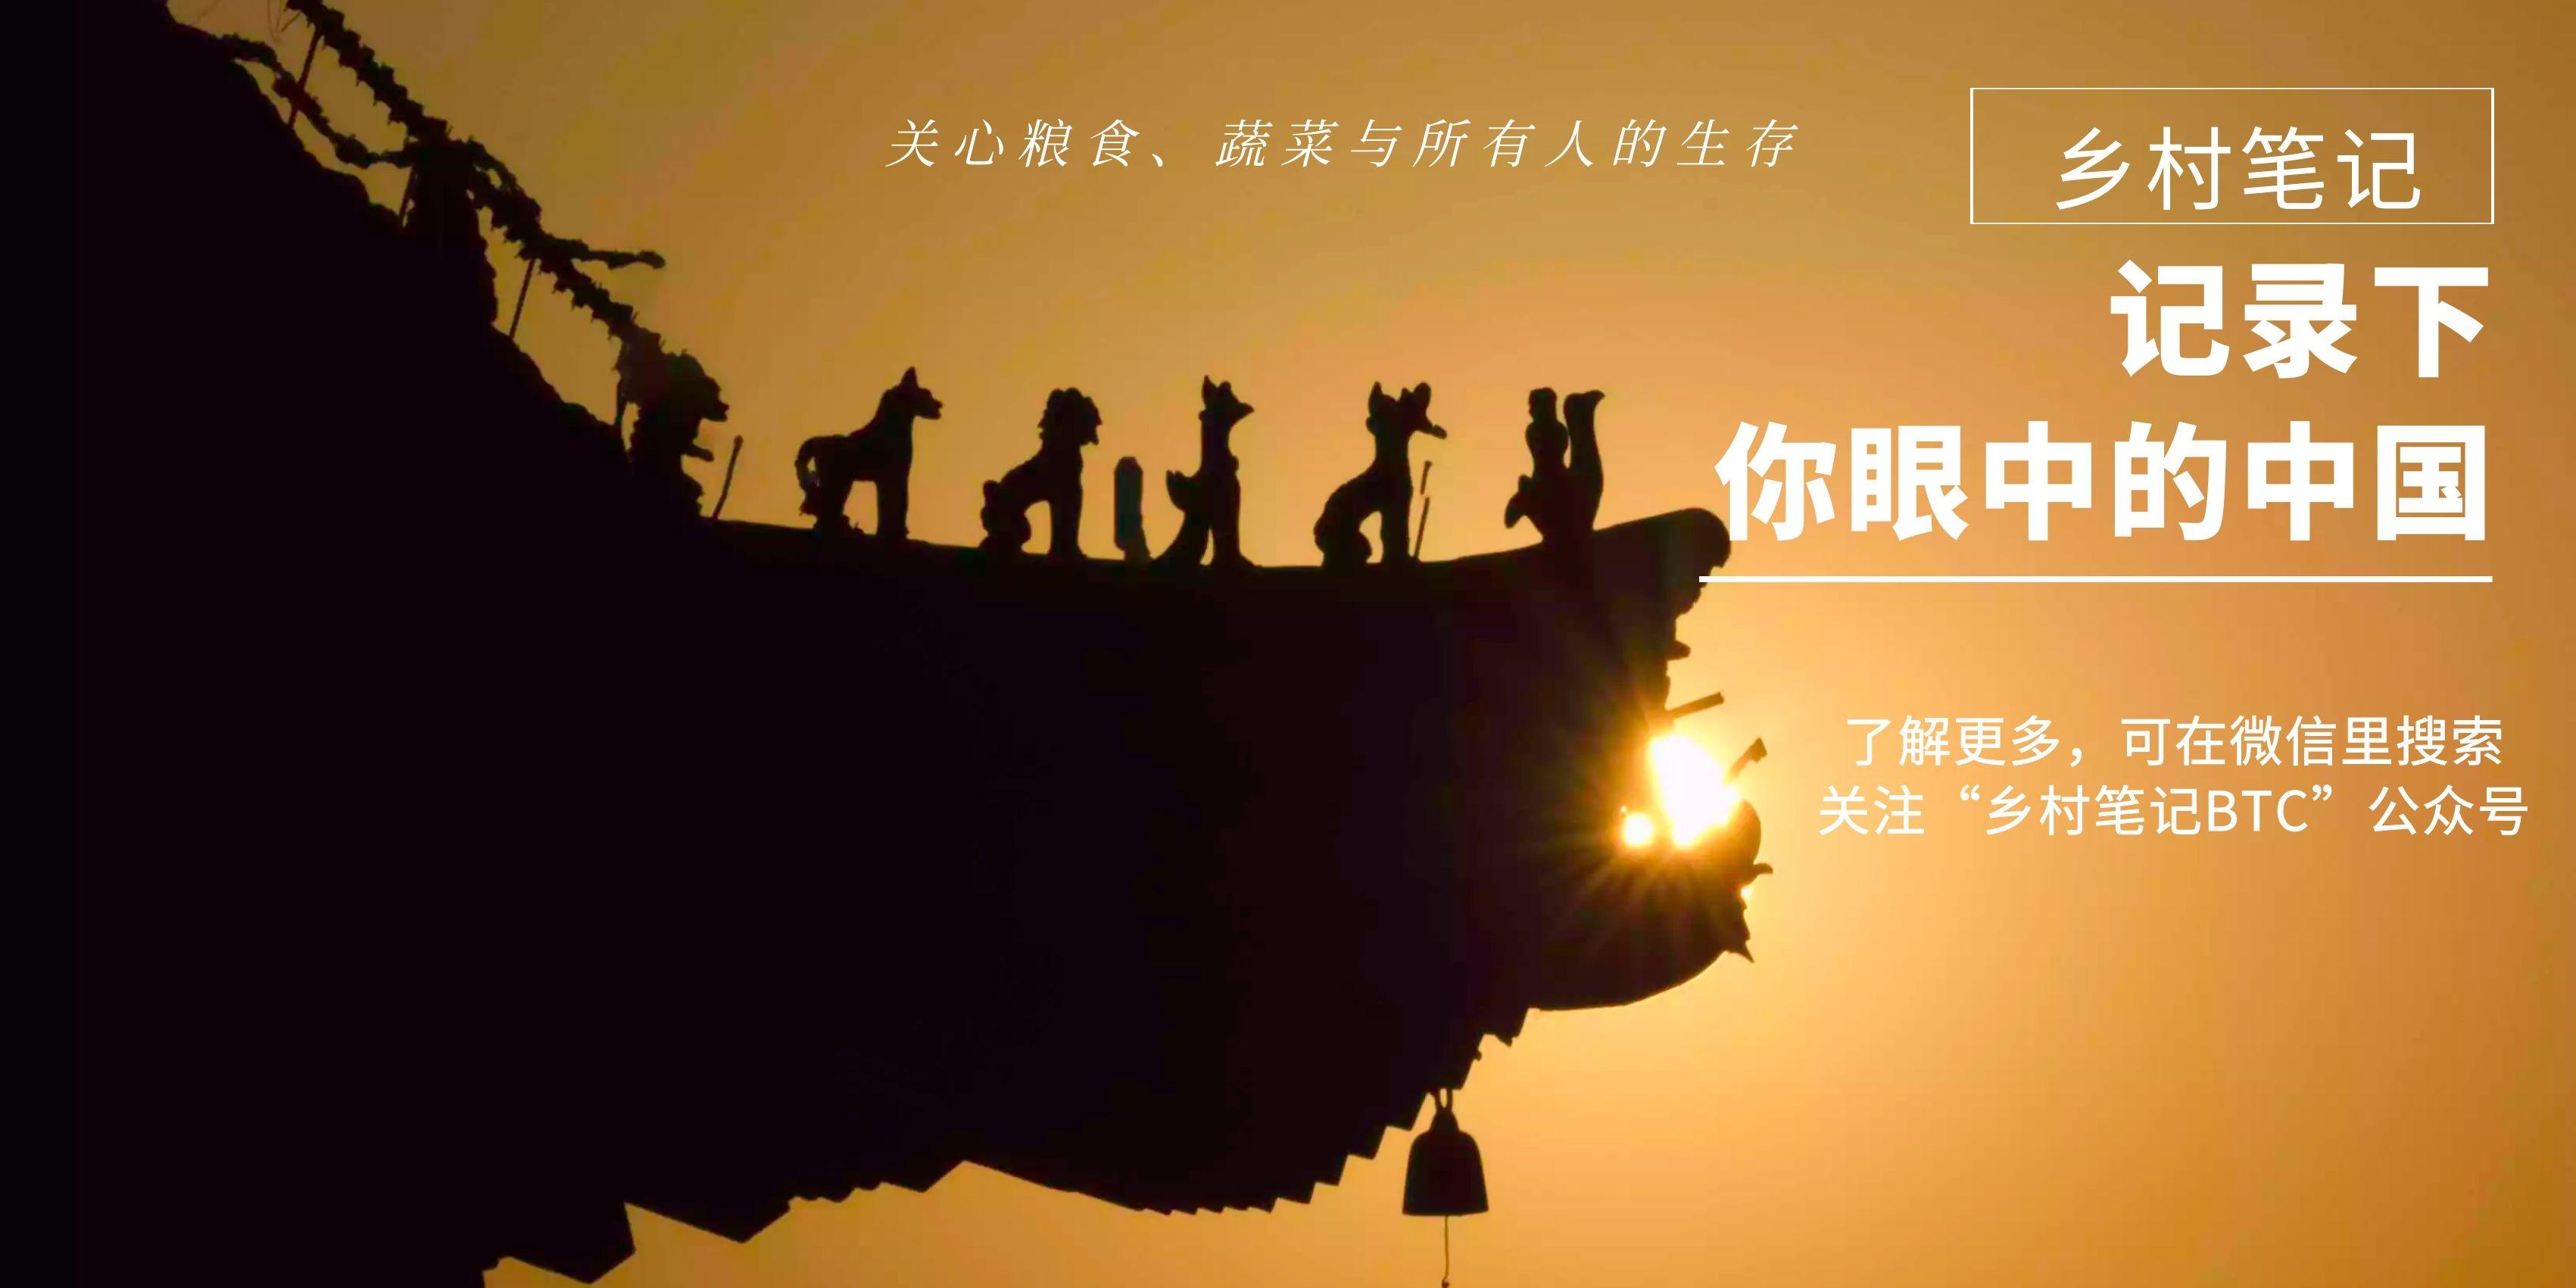 大理:金庸江湖里的段氏皇族、天龙寺与无量山究竟在哪里?